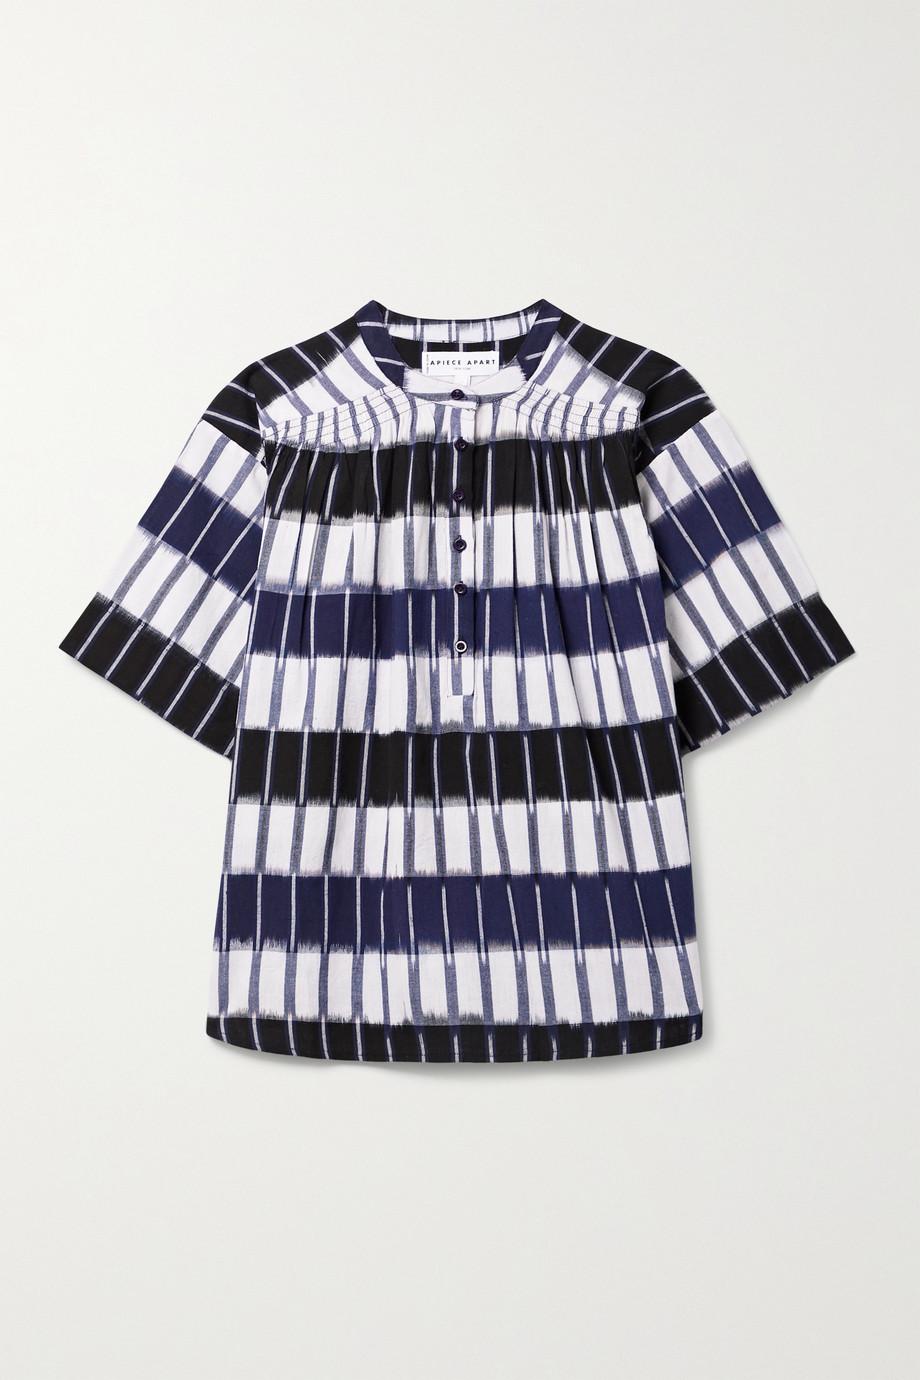 APIECE APART Mission striped cotton top